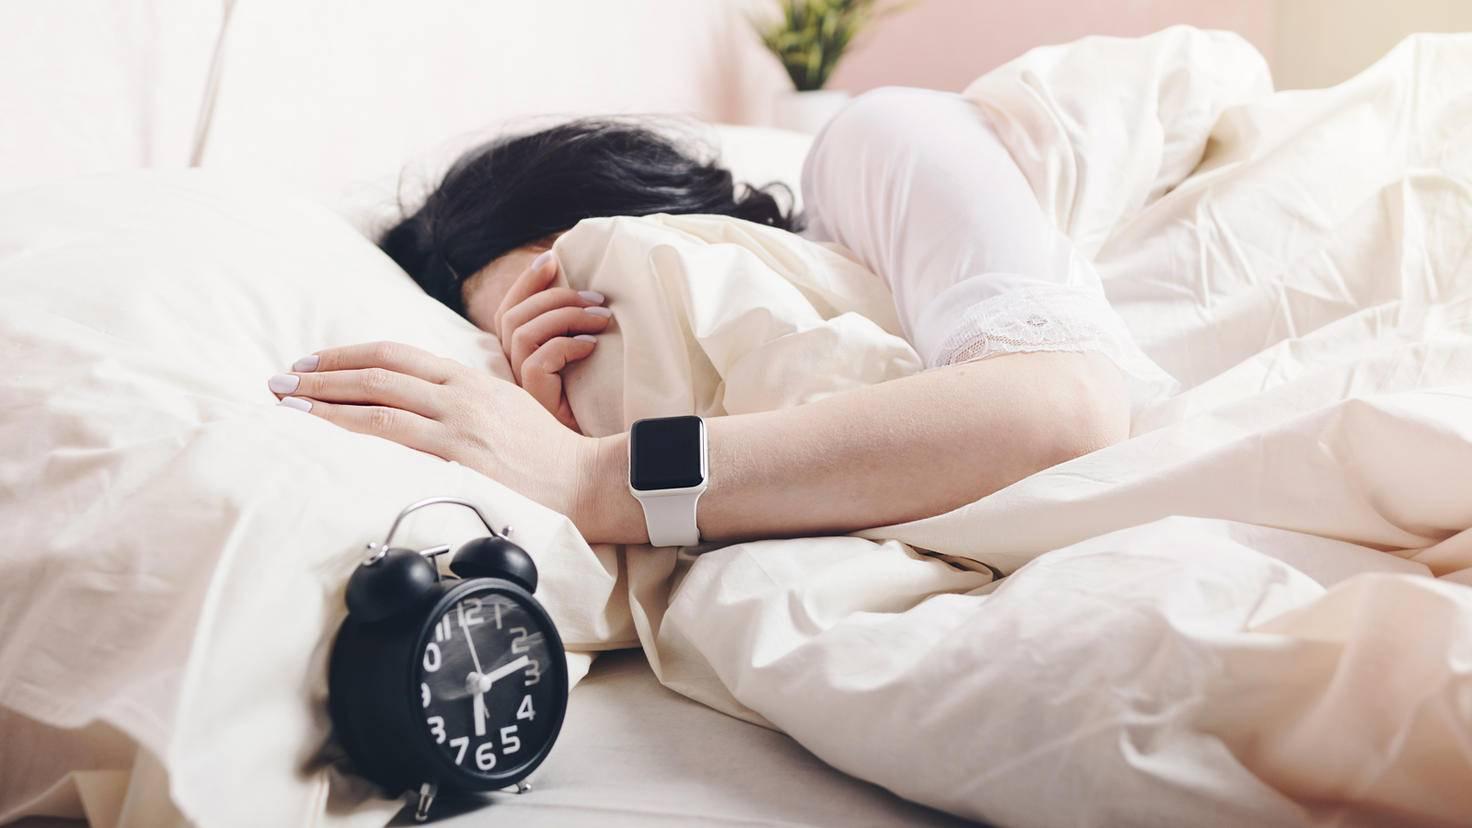 Apple Watch Schlaf Apps-Samio20-AdobeStock_247885903